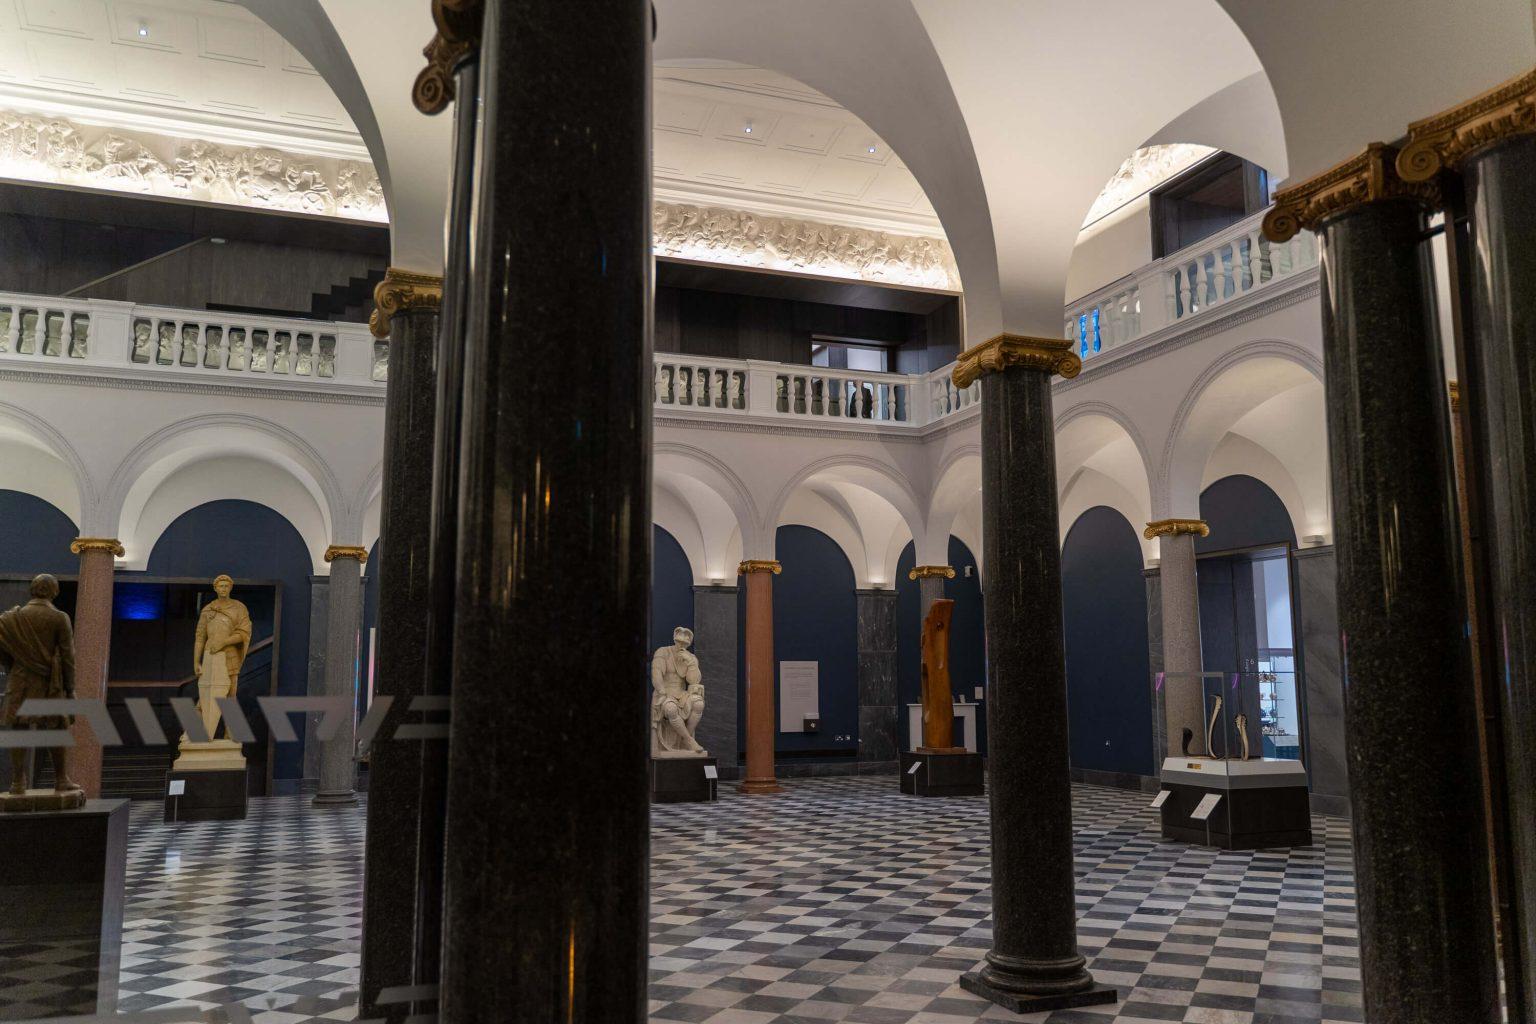 Aberdeen Art Gallery Main Hall